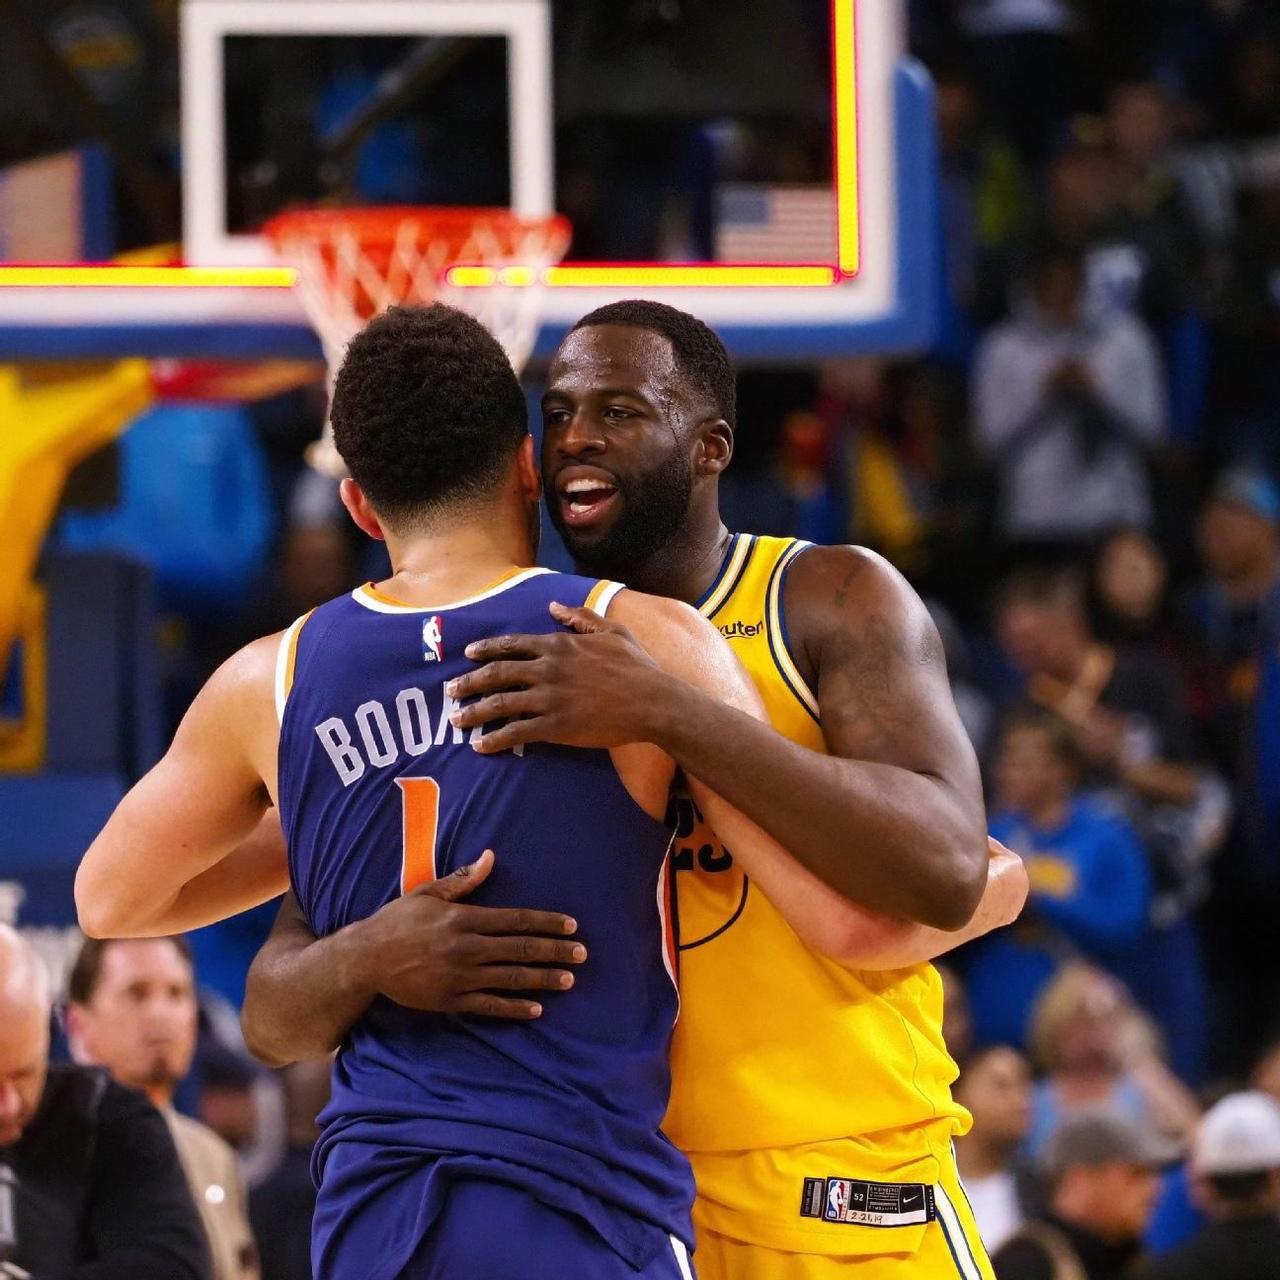 Дрэймонд Грин: очень уважаю этих трёх мужиков, которые едут к нам после Финала НБА